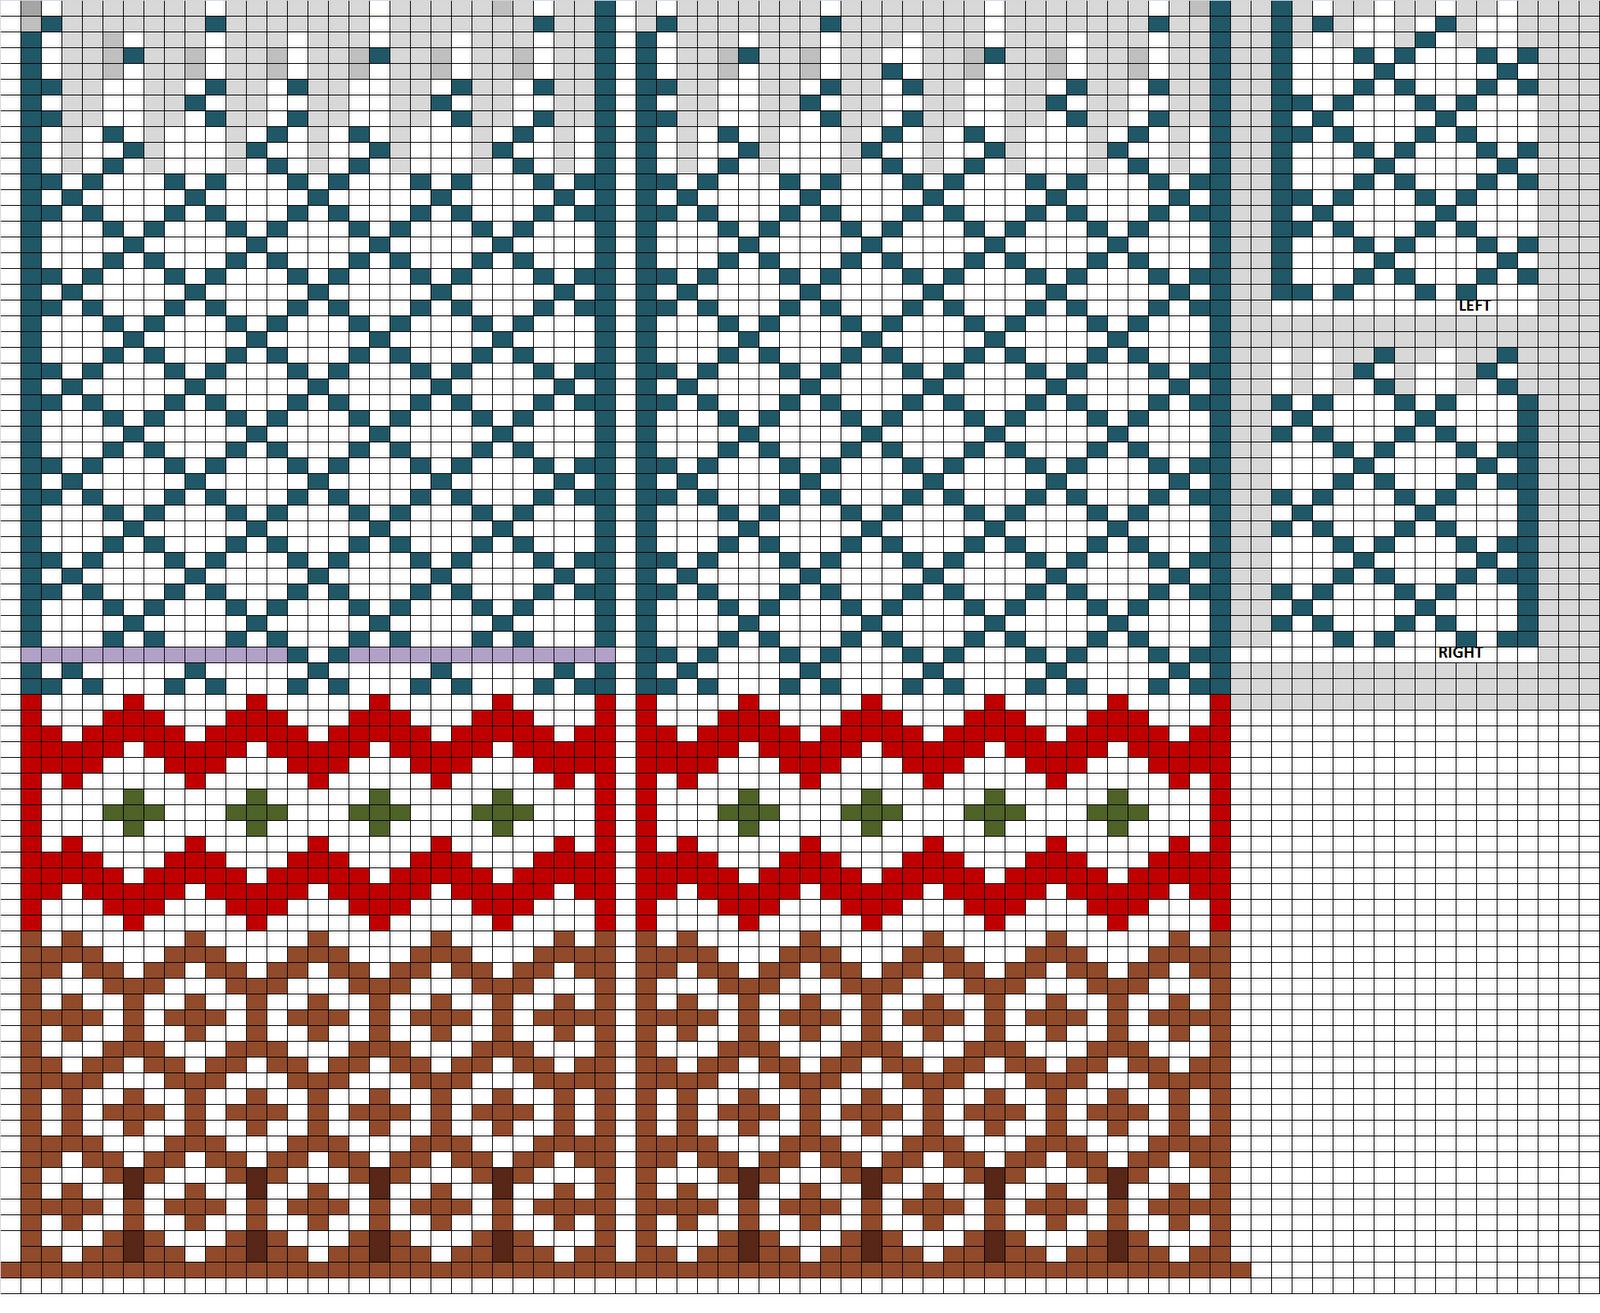 Knitting With Karma: Original Garment Patterns